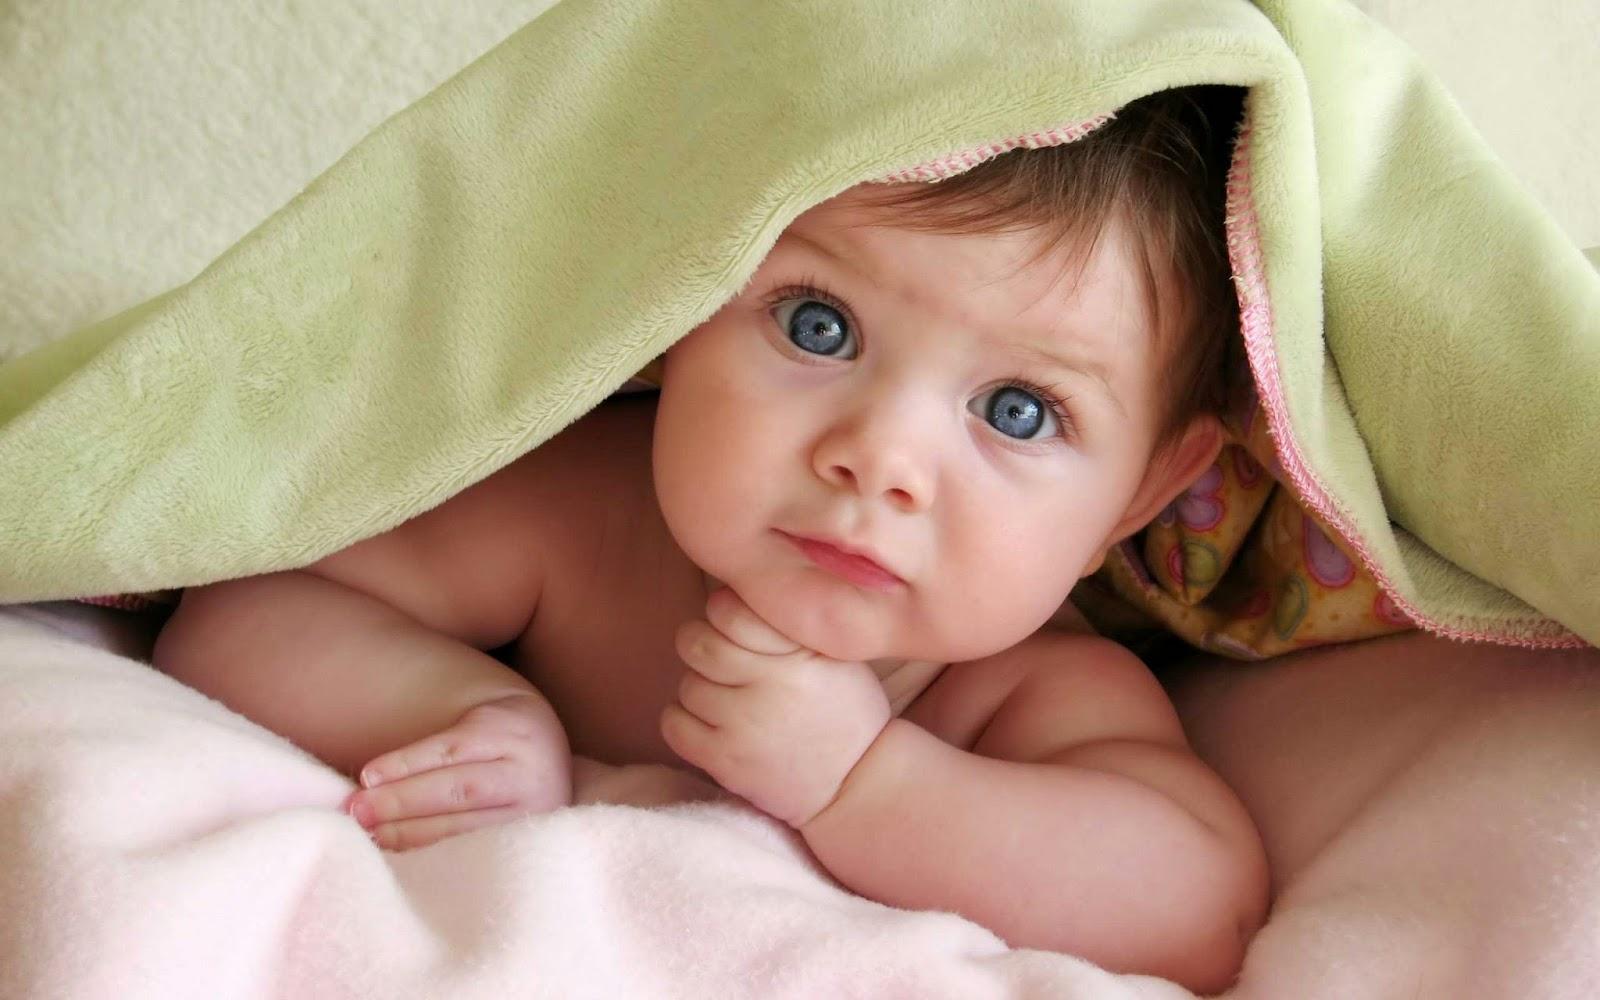 بالصور كلام عن براءة الاطفال , اجمل العبارات التي تصف براءة الاطفال 11472 4